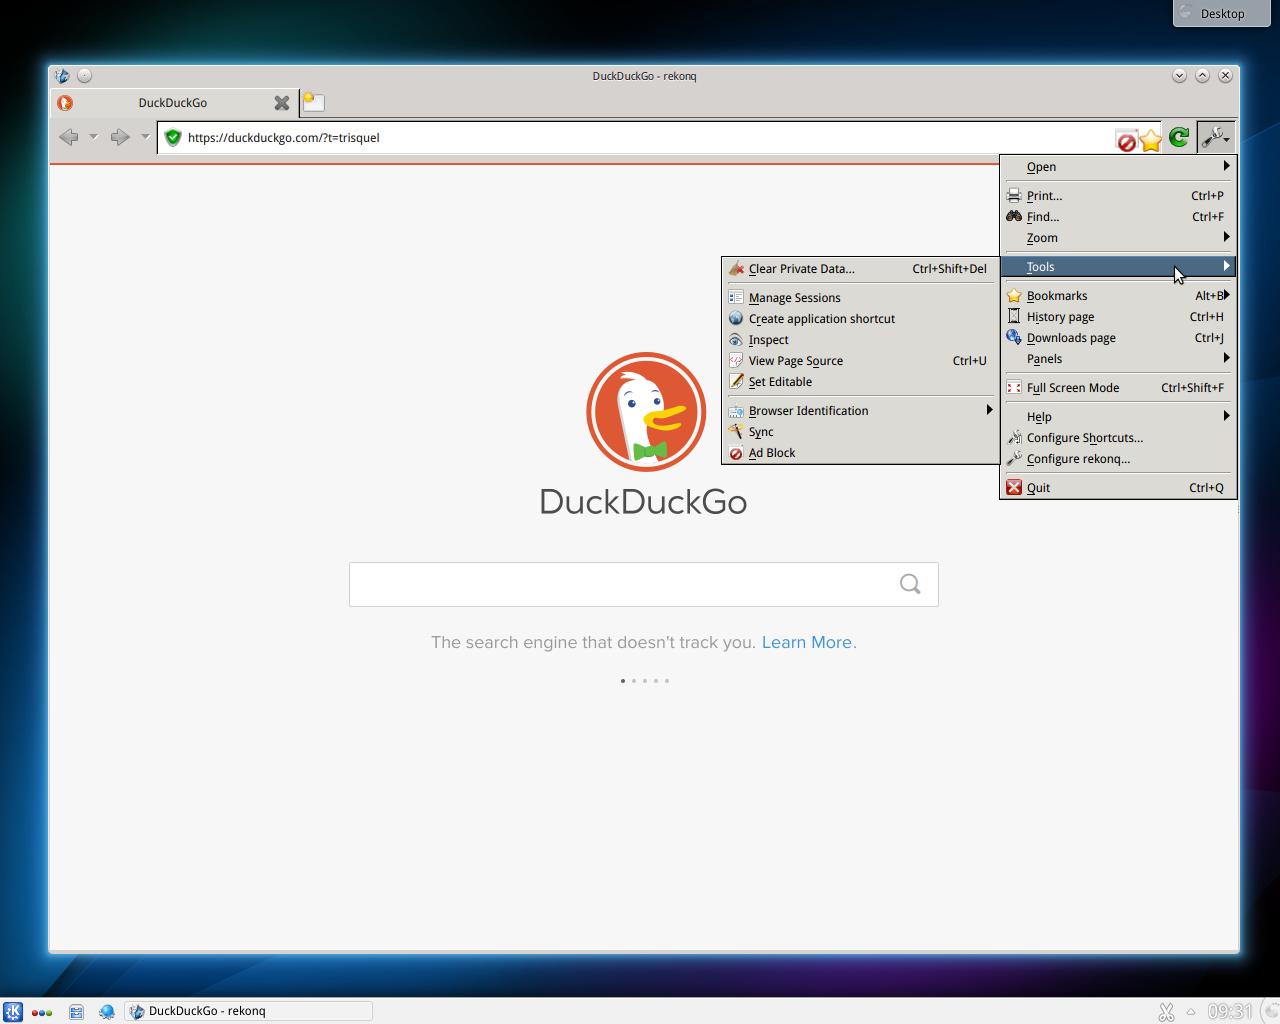 Trisquel_7_mini_KDE_Rekonq.png